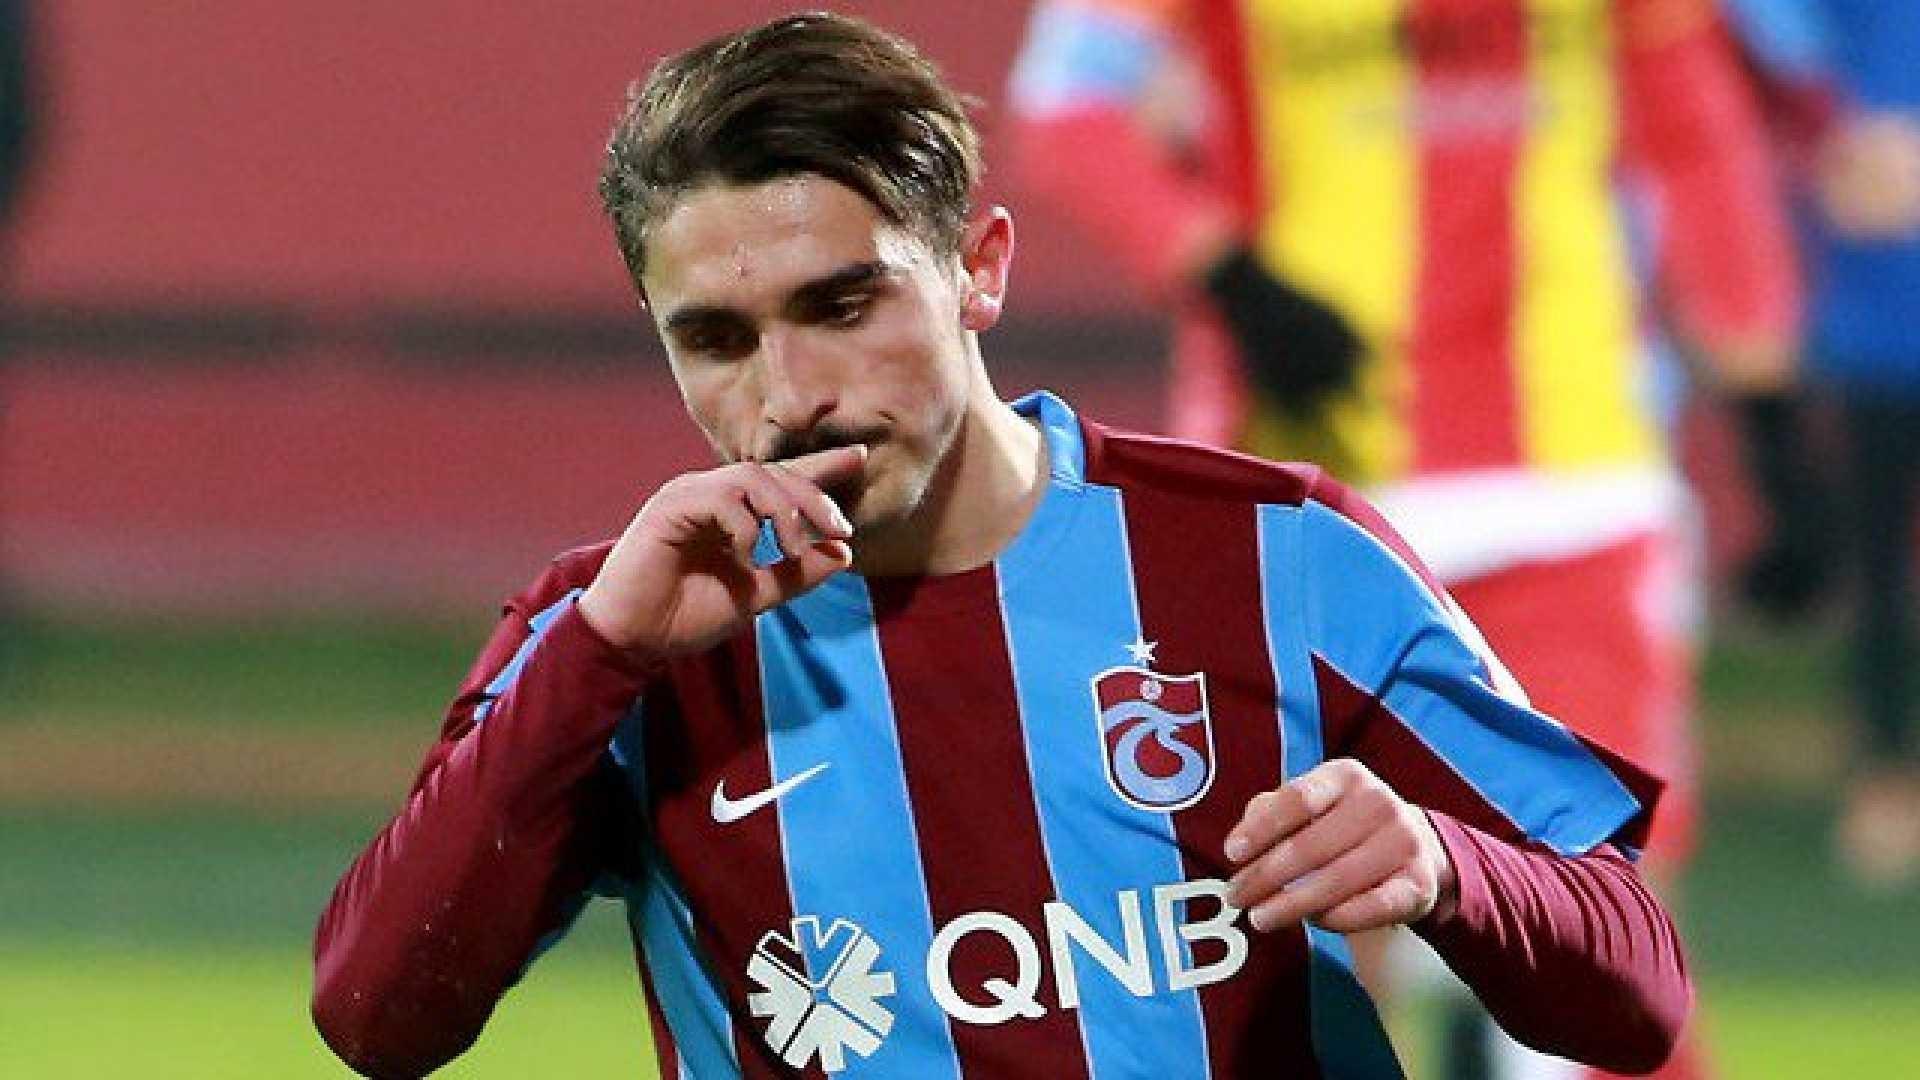 O nich będzie głośno: Abdulkadir Omur – turecki Messi